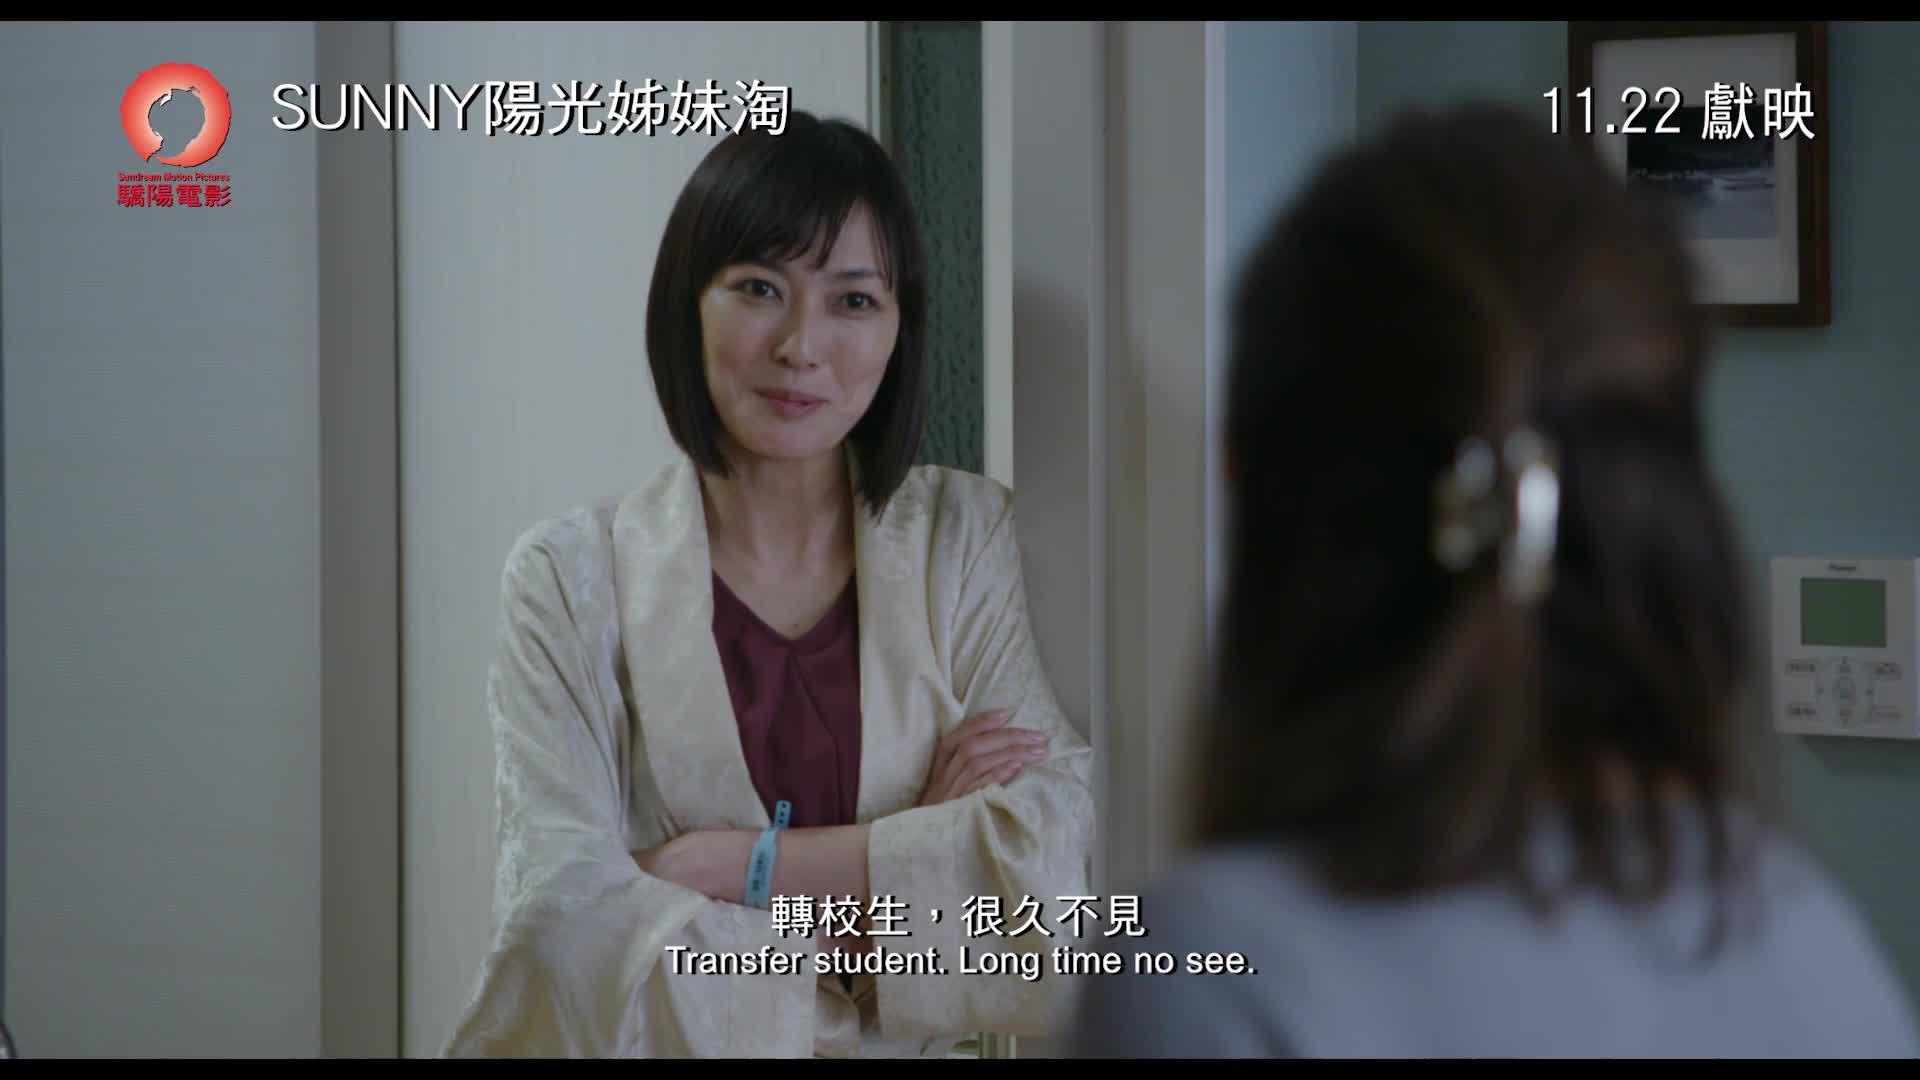 《SUNNY陽光姊妹淘》中文預告